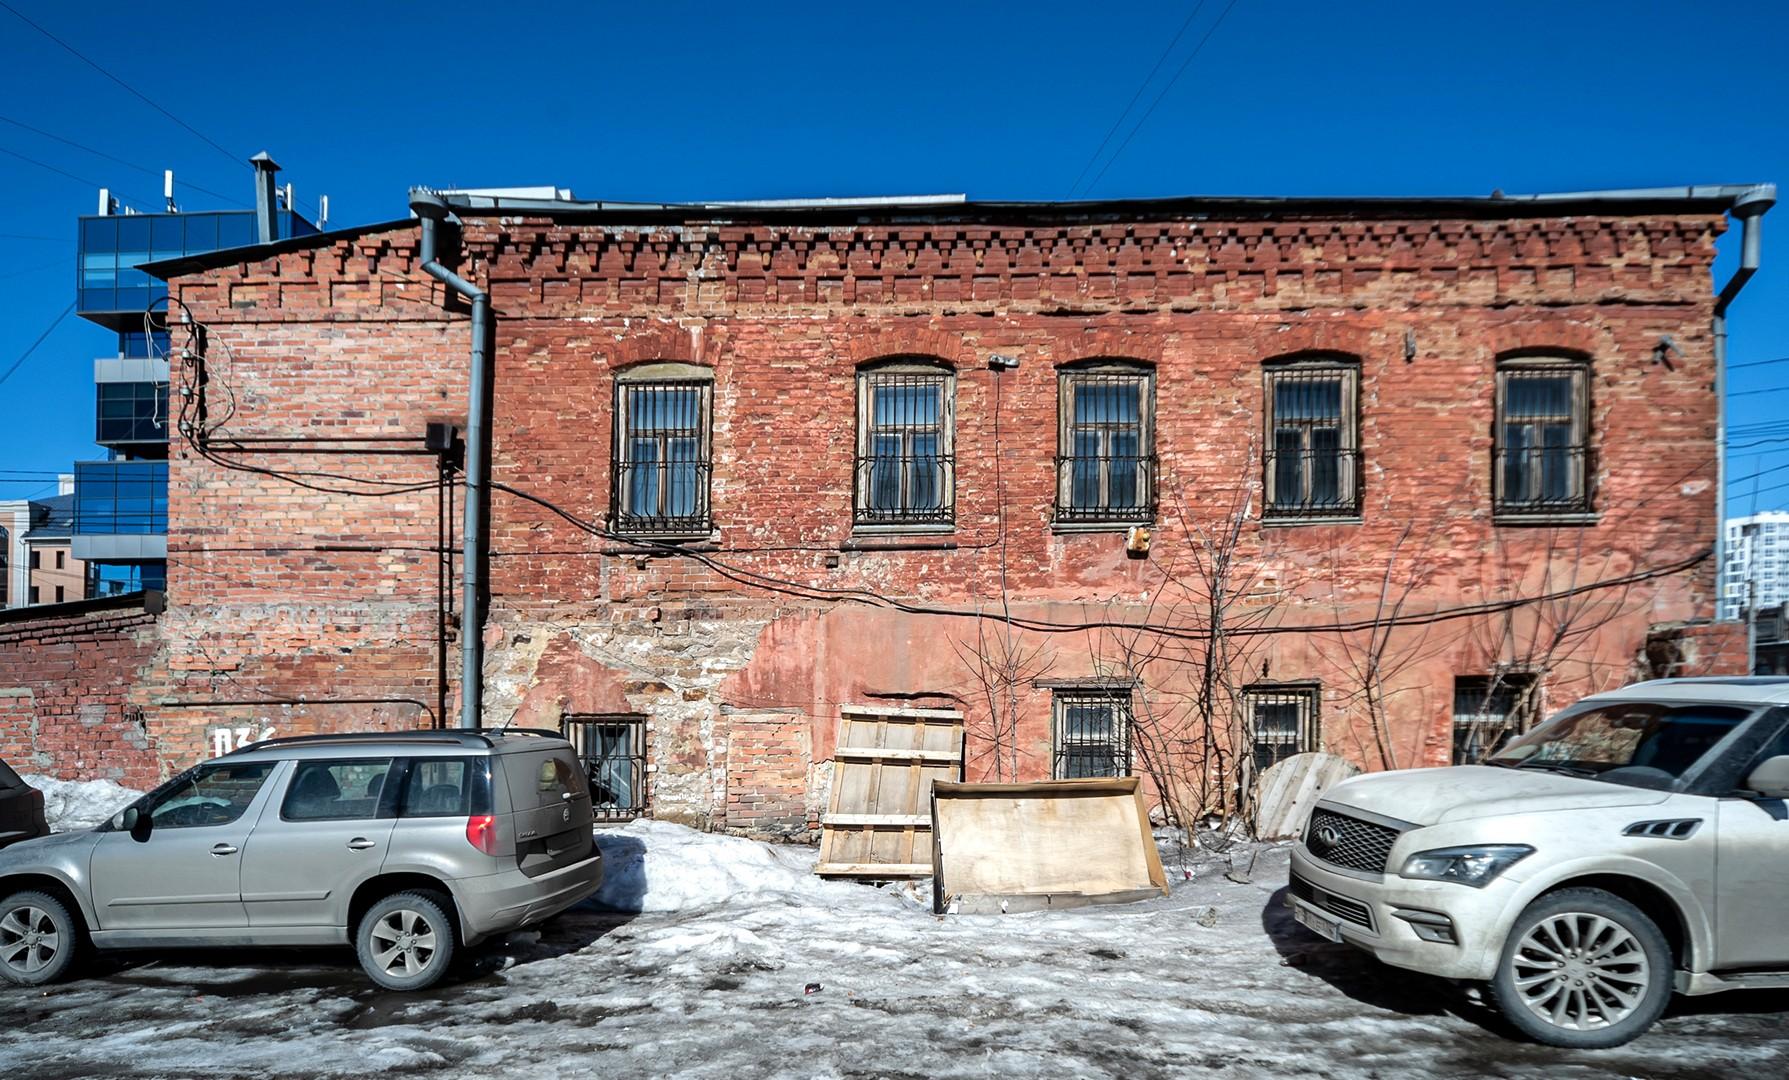 Тут была типография, пивной склад и коммуналка, а теперь мы: «Том Сойер Фест» получил постоянную штаб-квартиру